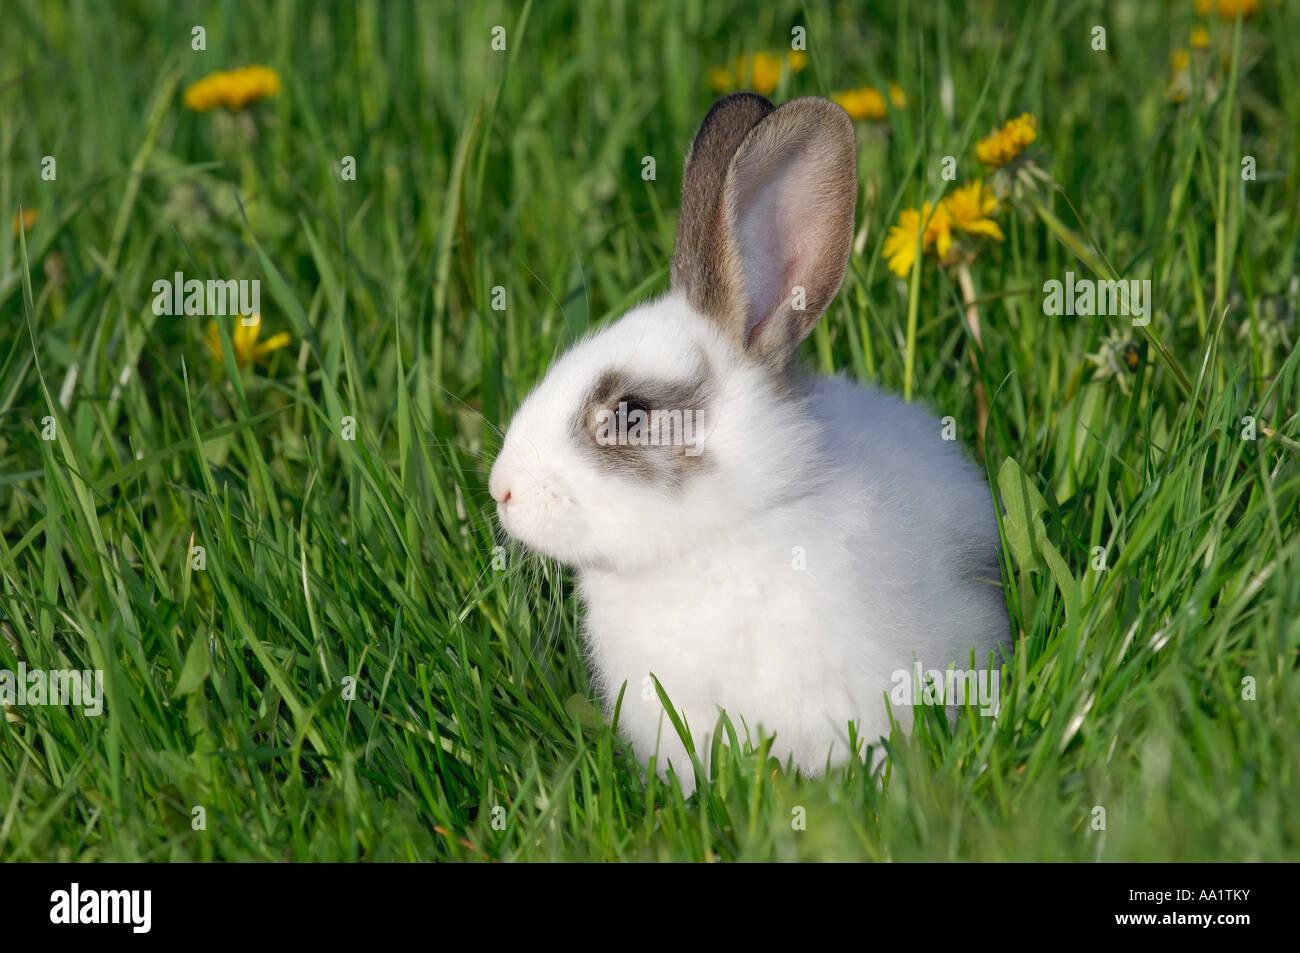 Lapin dans l'herbe Banque D'Images